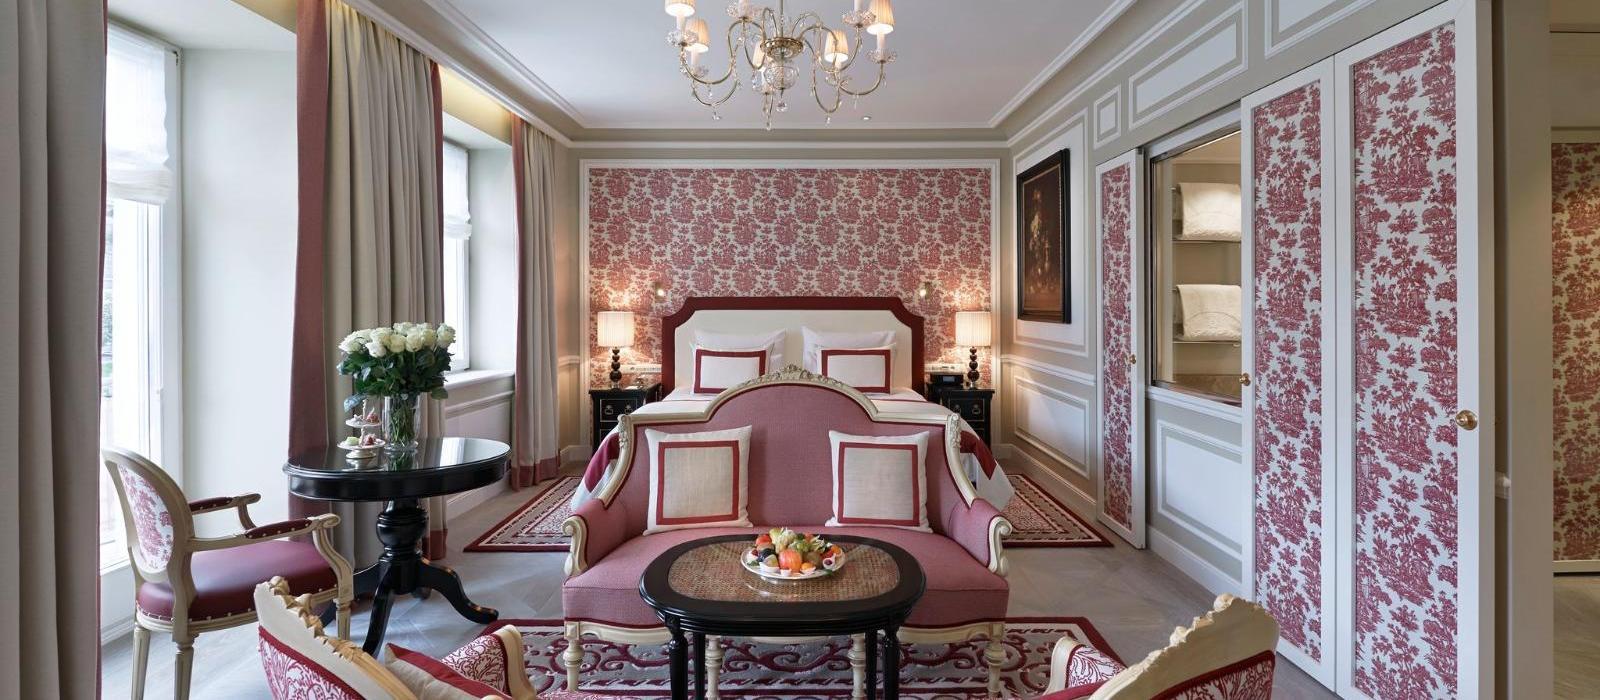 萨尔茨堡萨赫酒店(Hotel Sacher Salzburg) 标准套房图片  www.lhw.cn